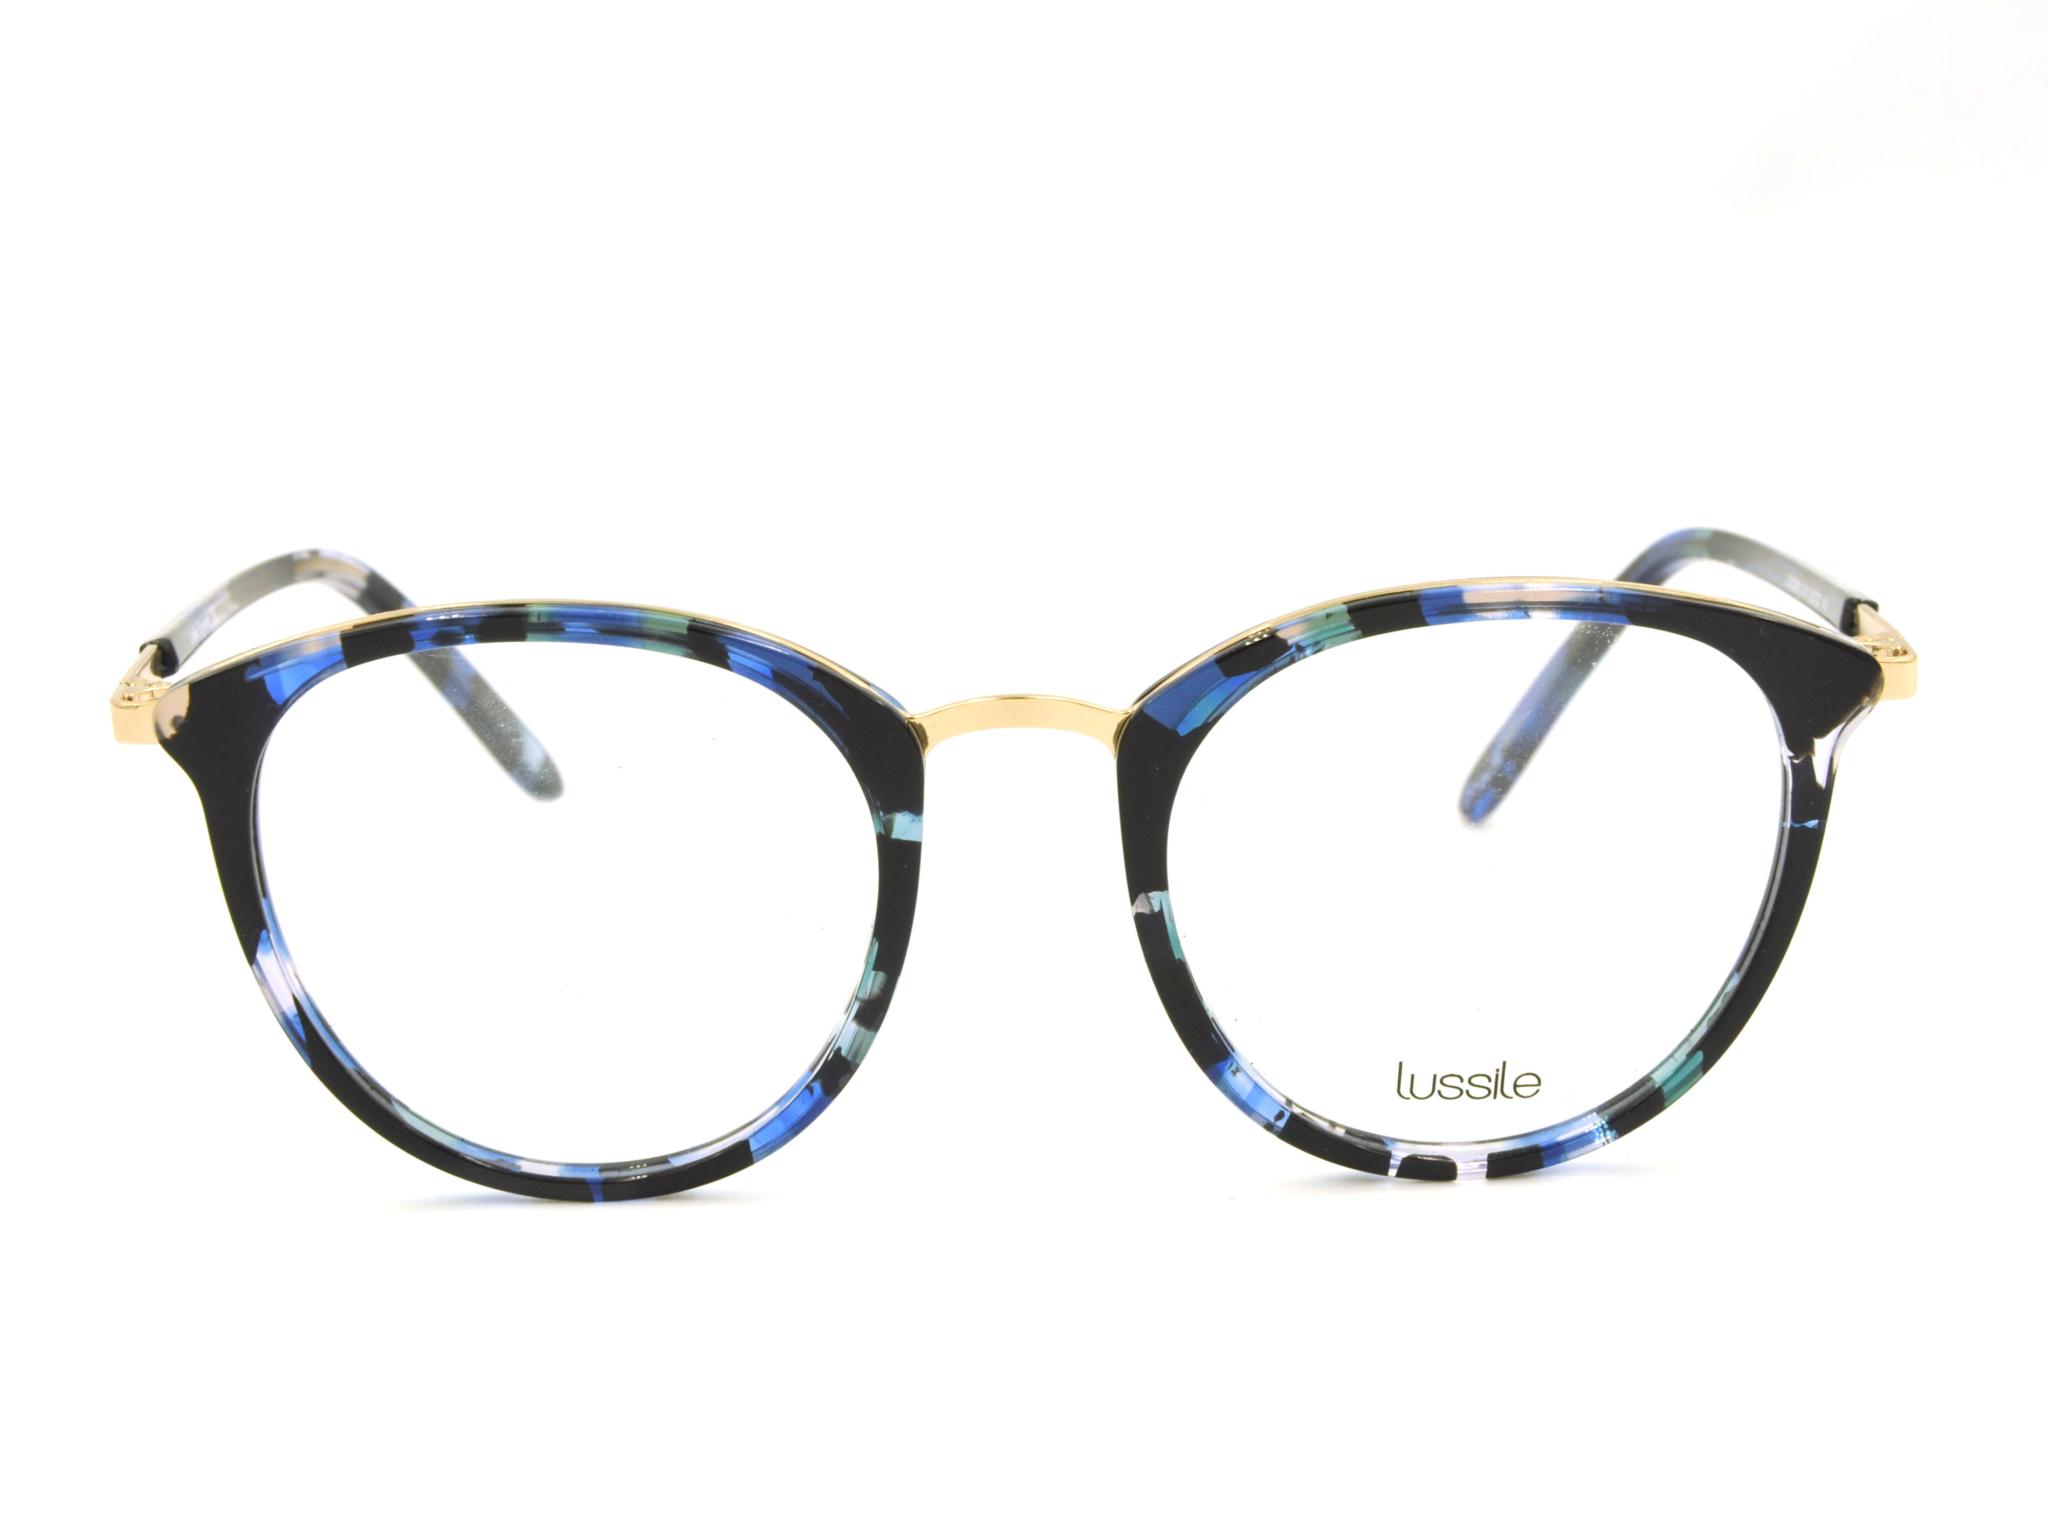 Γυαλιά οράσεως Lussile LS32186 LN03 Πειραιάς